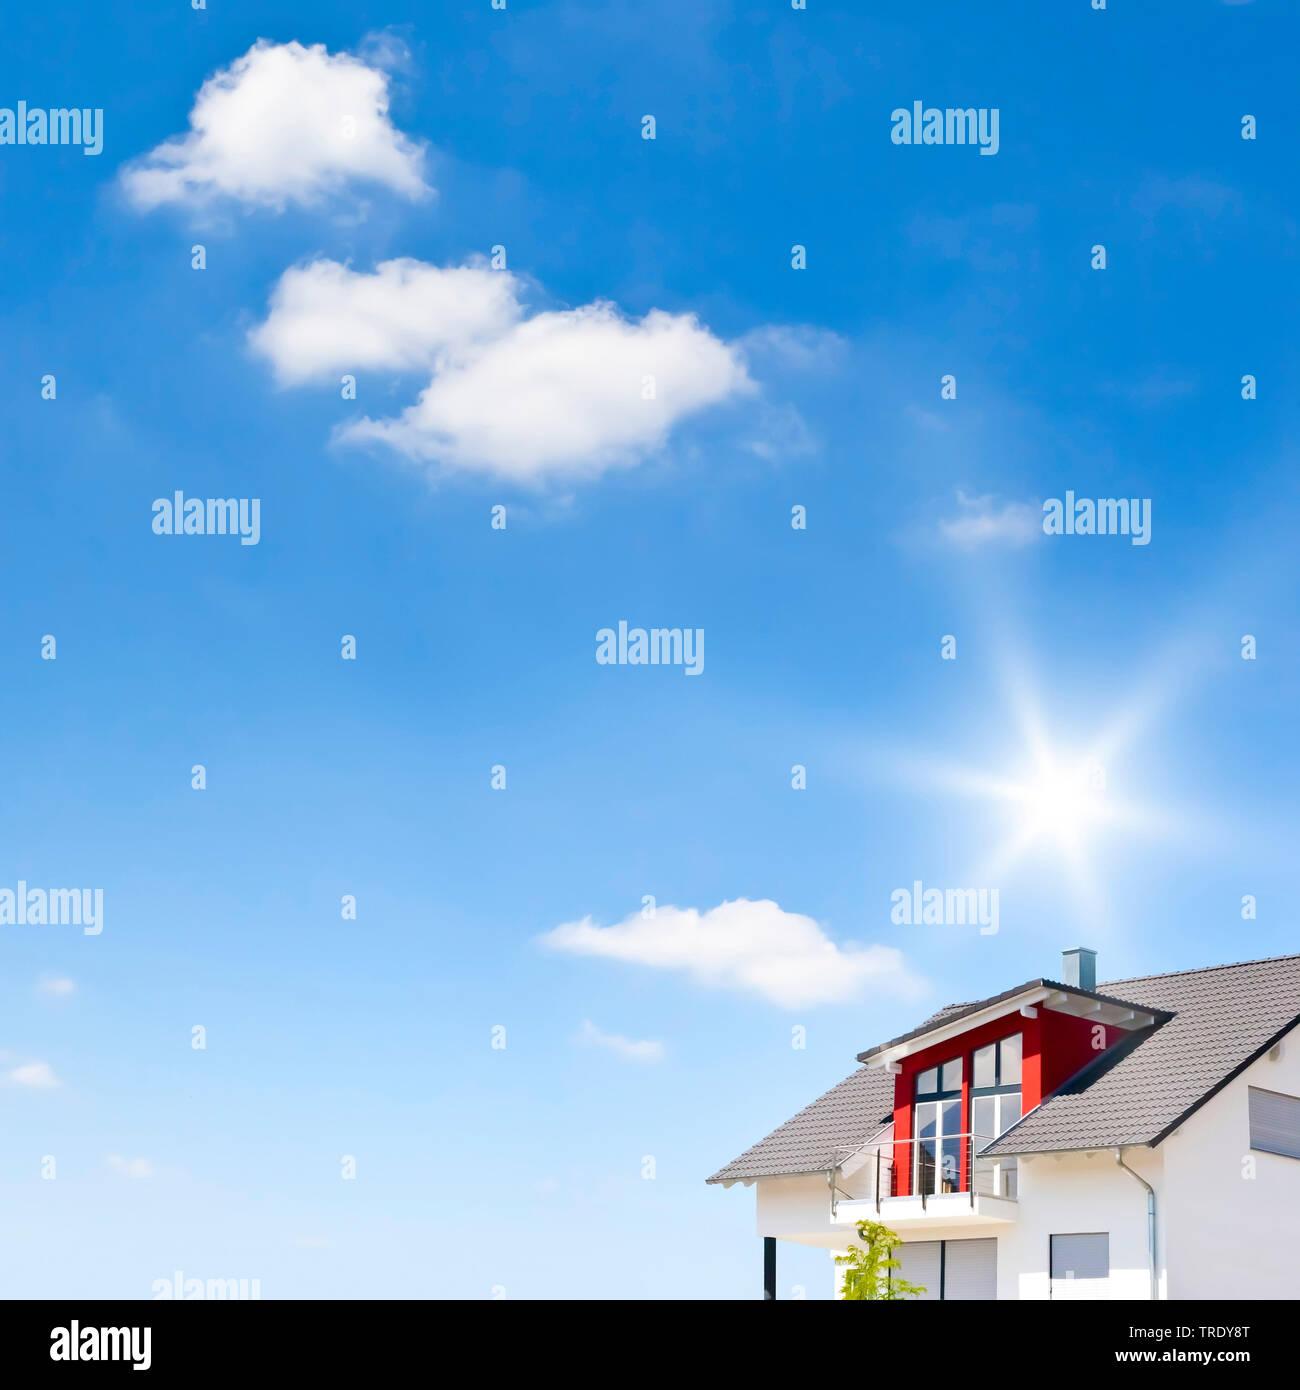 Teilansicht eines modernen Wohnhauses vor blauem Himmel | Teilansicht eines modernen Wohnungsbau Haus gegen den blauen Himmel | BLWS 512401.jpg [(c) blickwinke Stockbild